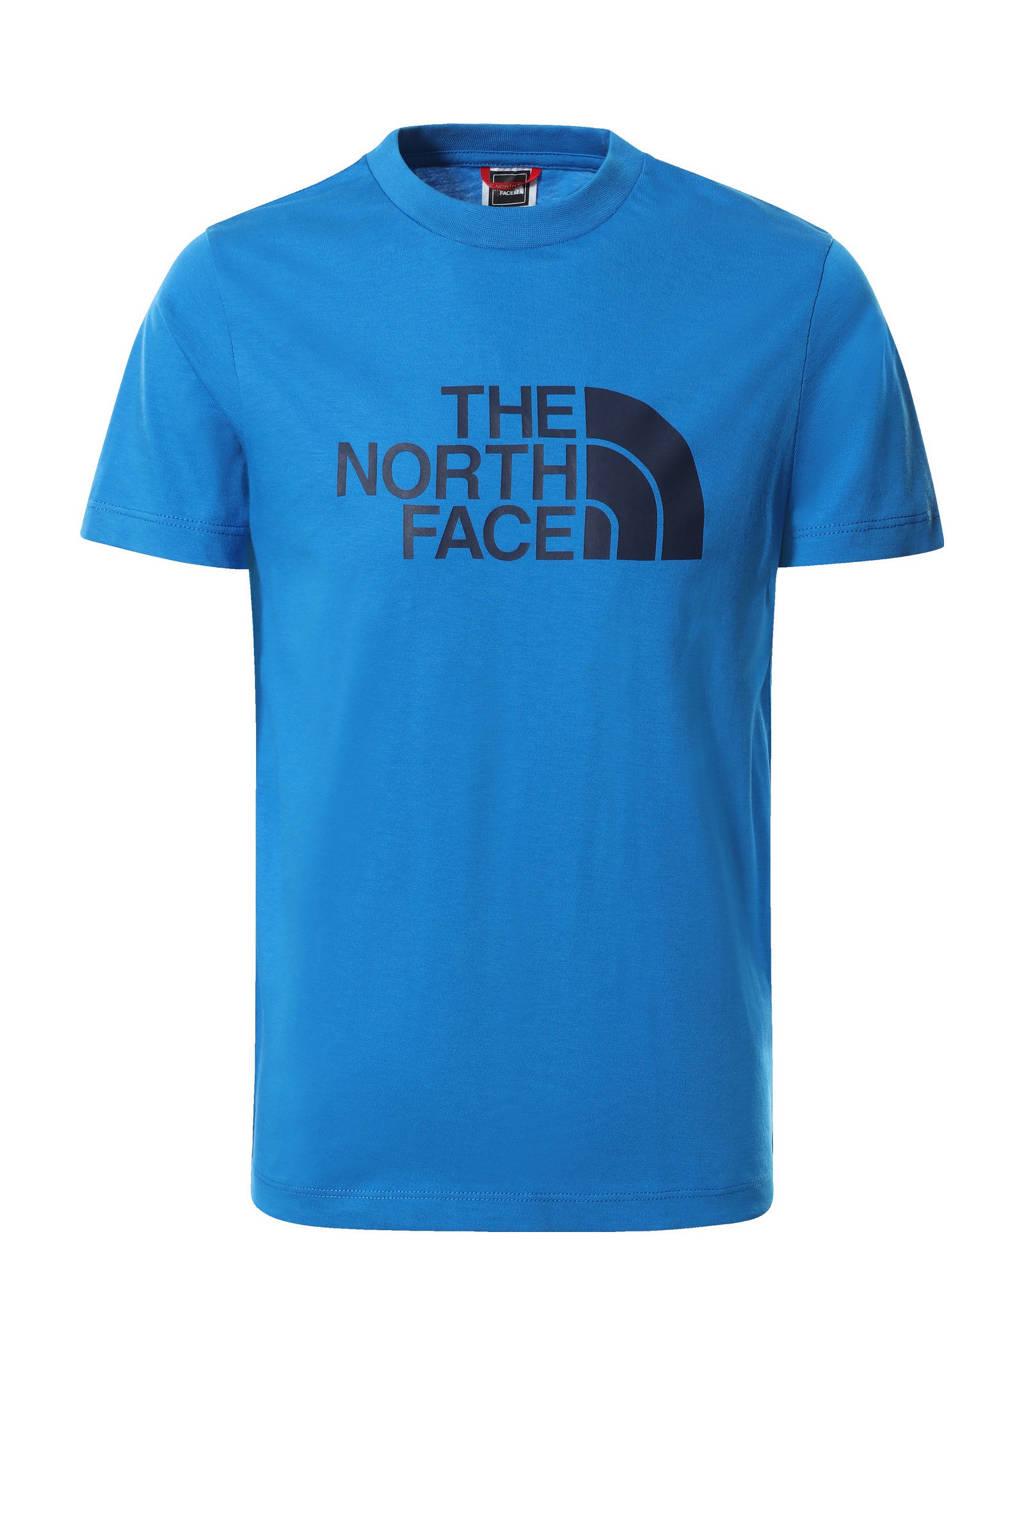 The North Face unisex T-shirt Easy blauw/zwart, Blauw/zwart